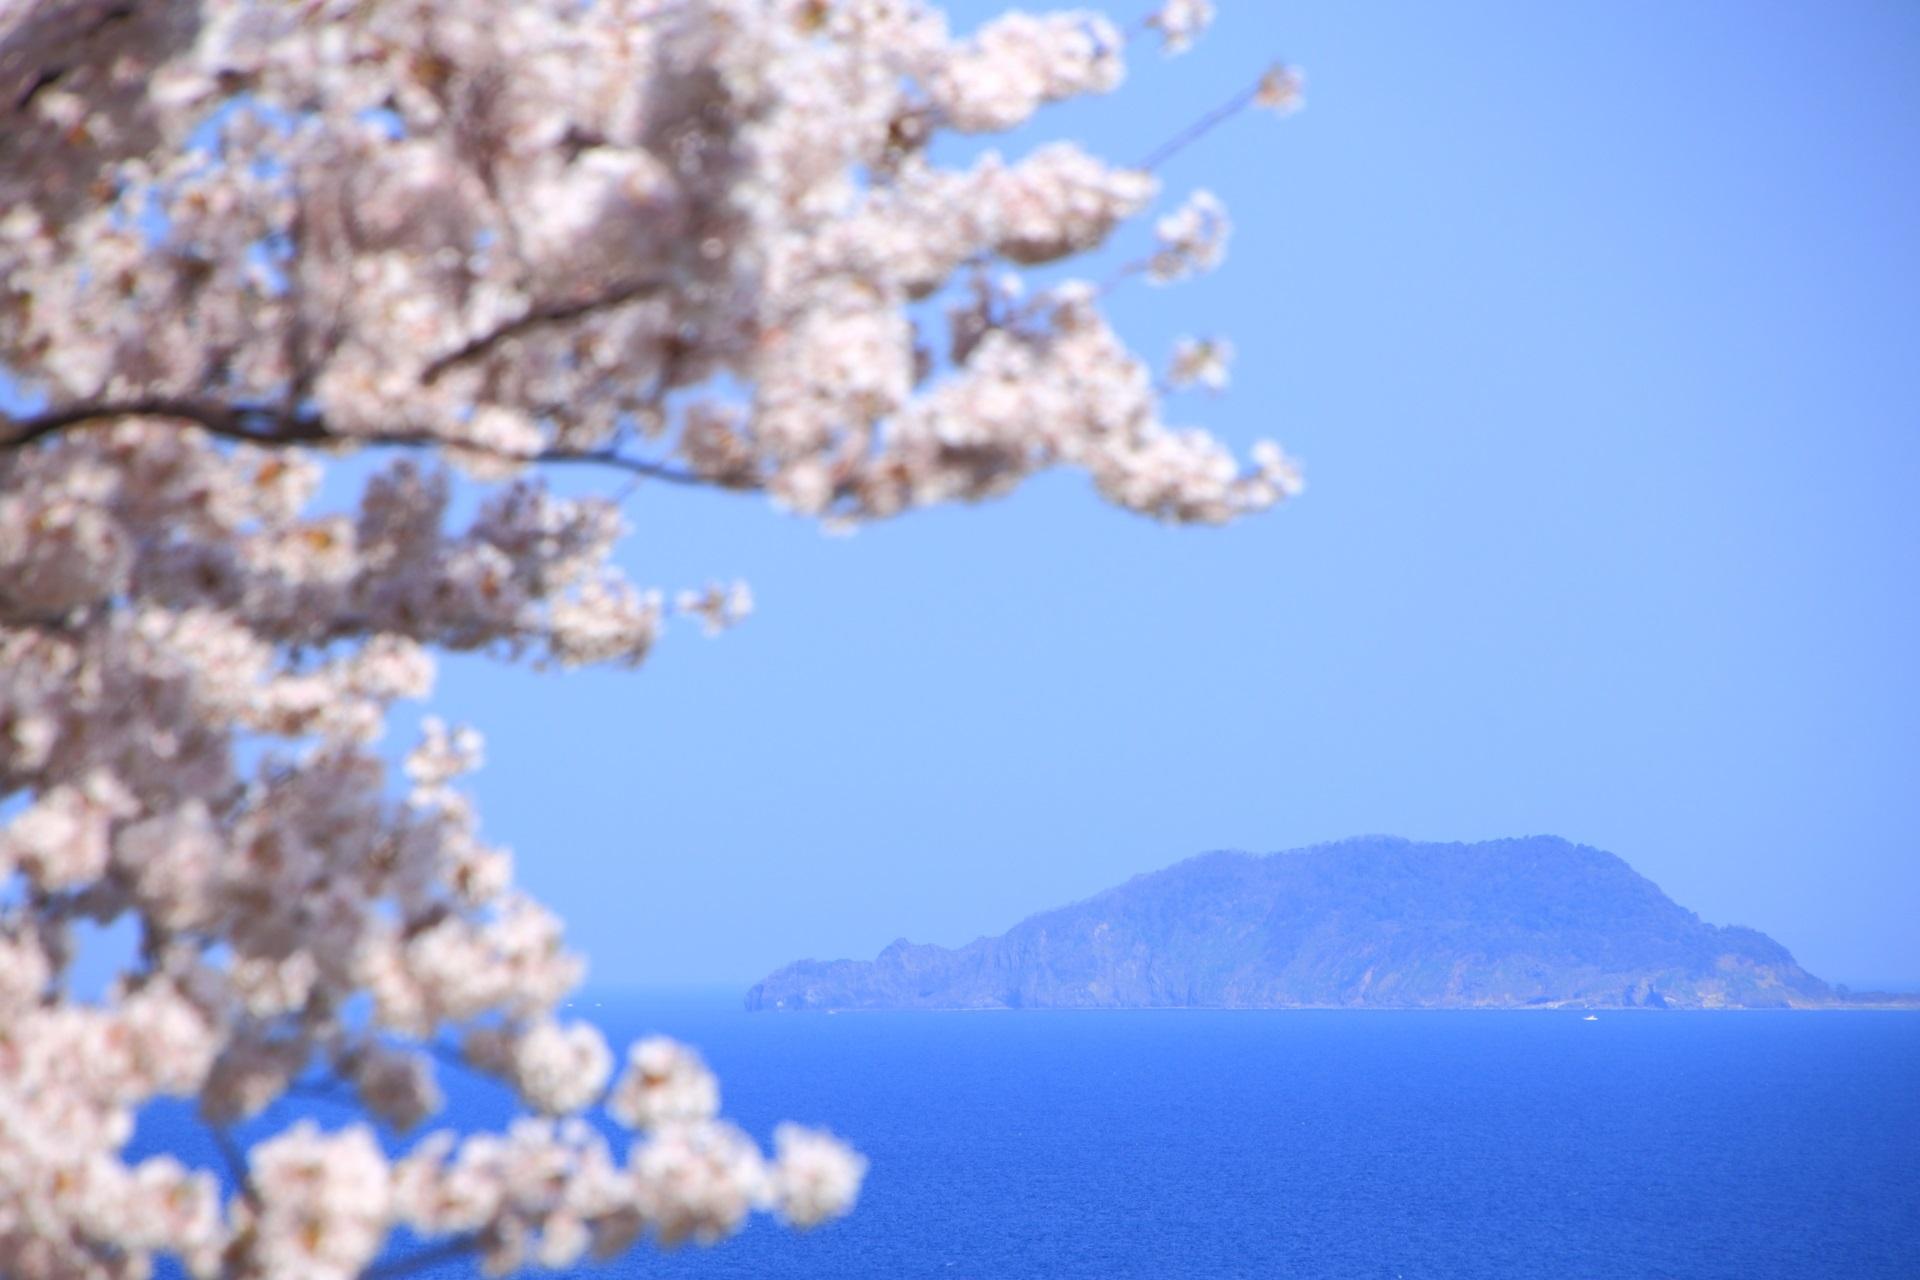 冠島(かんむりじま)と桜